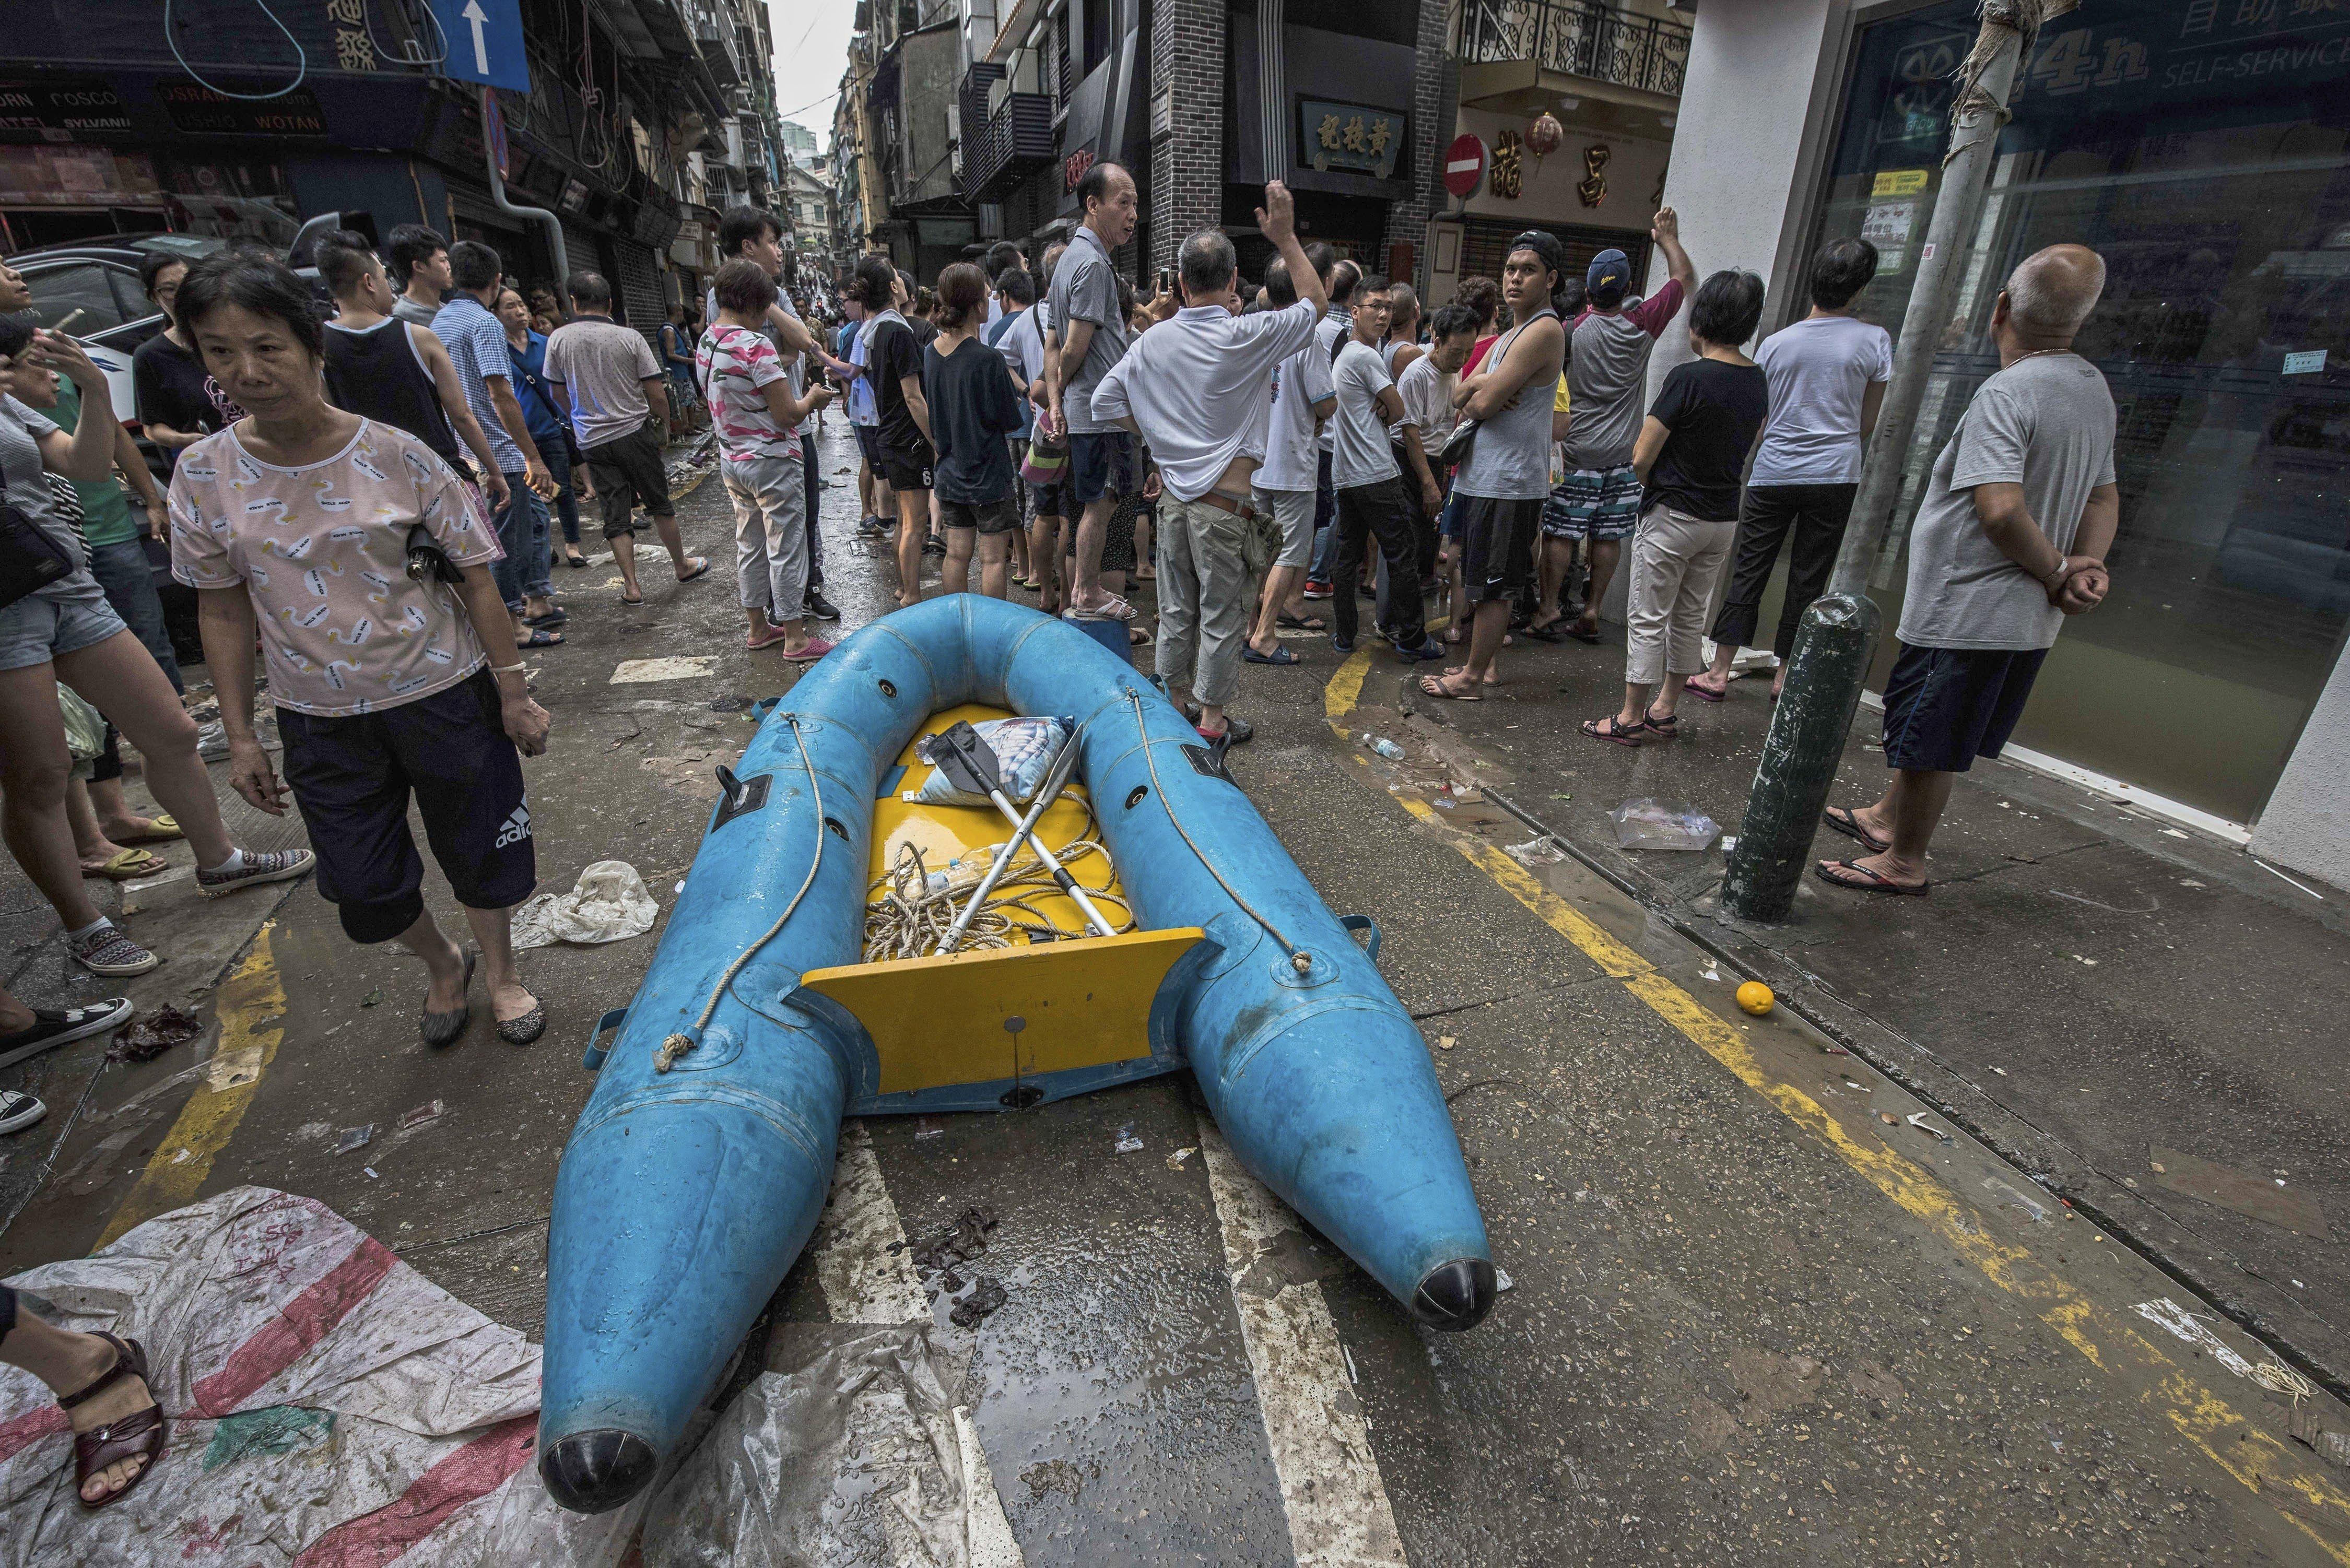 Destrosses a un carrer després del pas del tifó Hato a Macau, la Xina. Tres persones han mort i altres dues estan desaparegudes del tifó, el més fort dels últims 18 anys./Antonio Mil-Homes